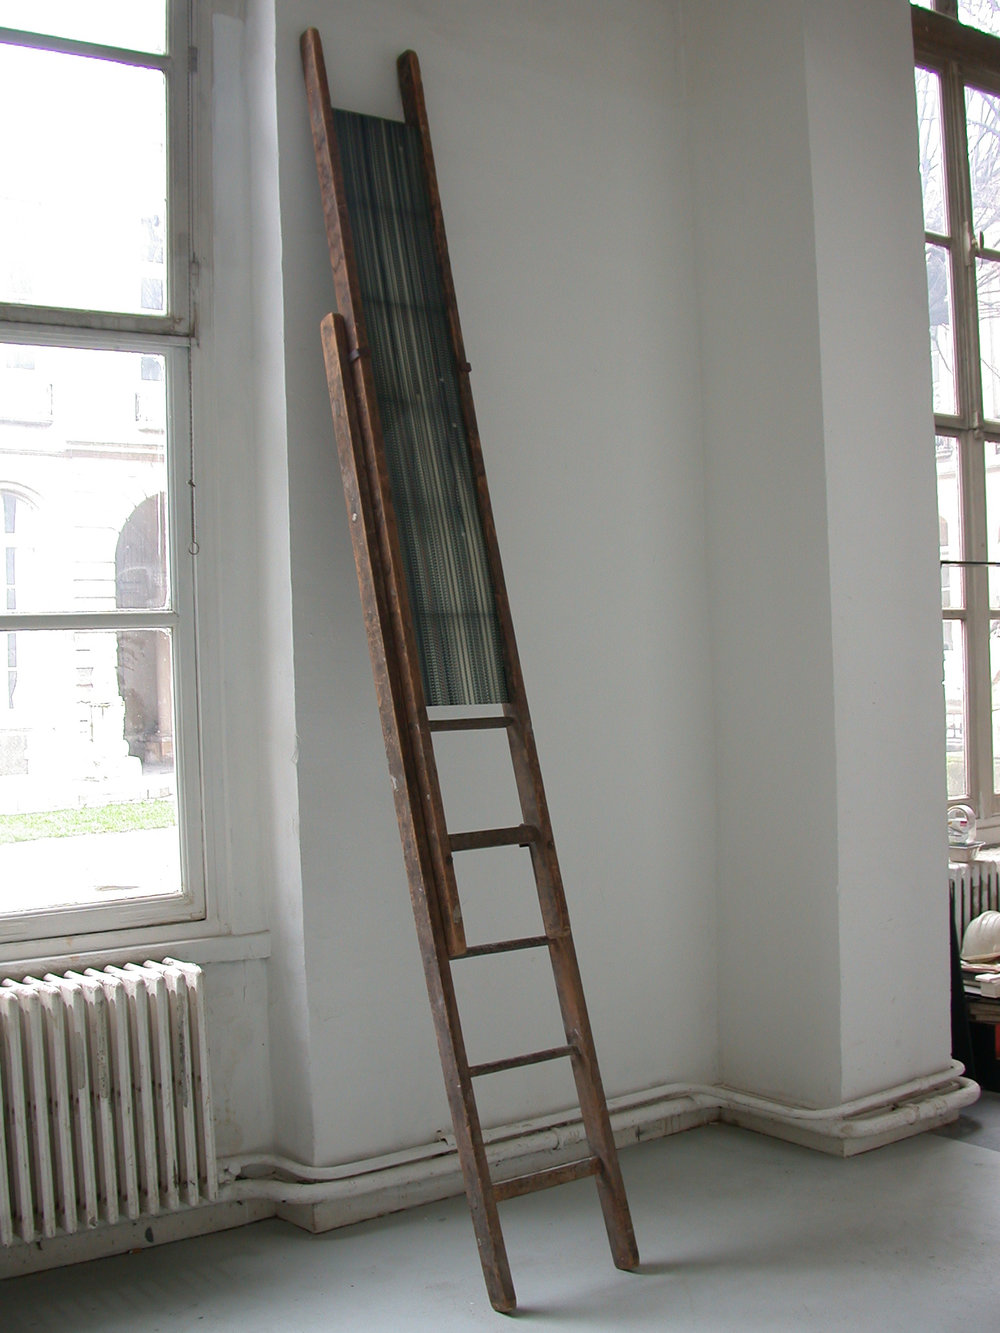 Echelle by Etienne de Fleurieu , collage de pellicule cinématographique 16 mm sur polychoc blanc , échelle en bois